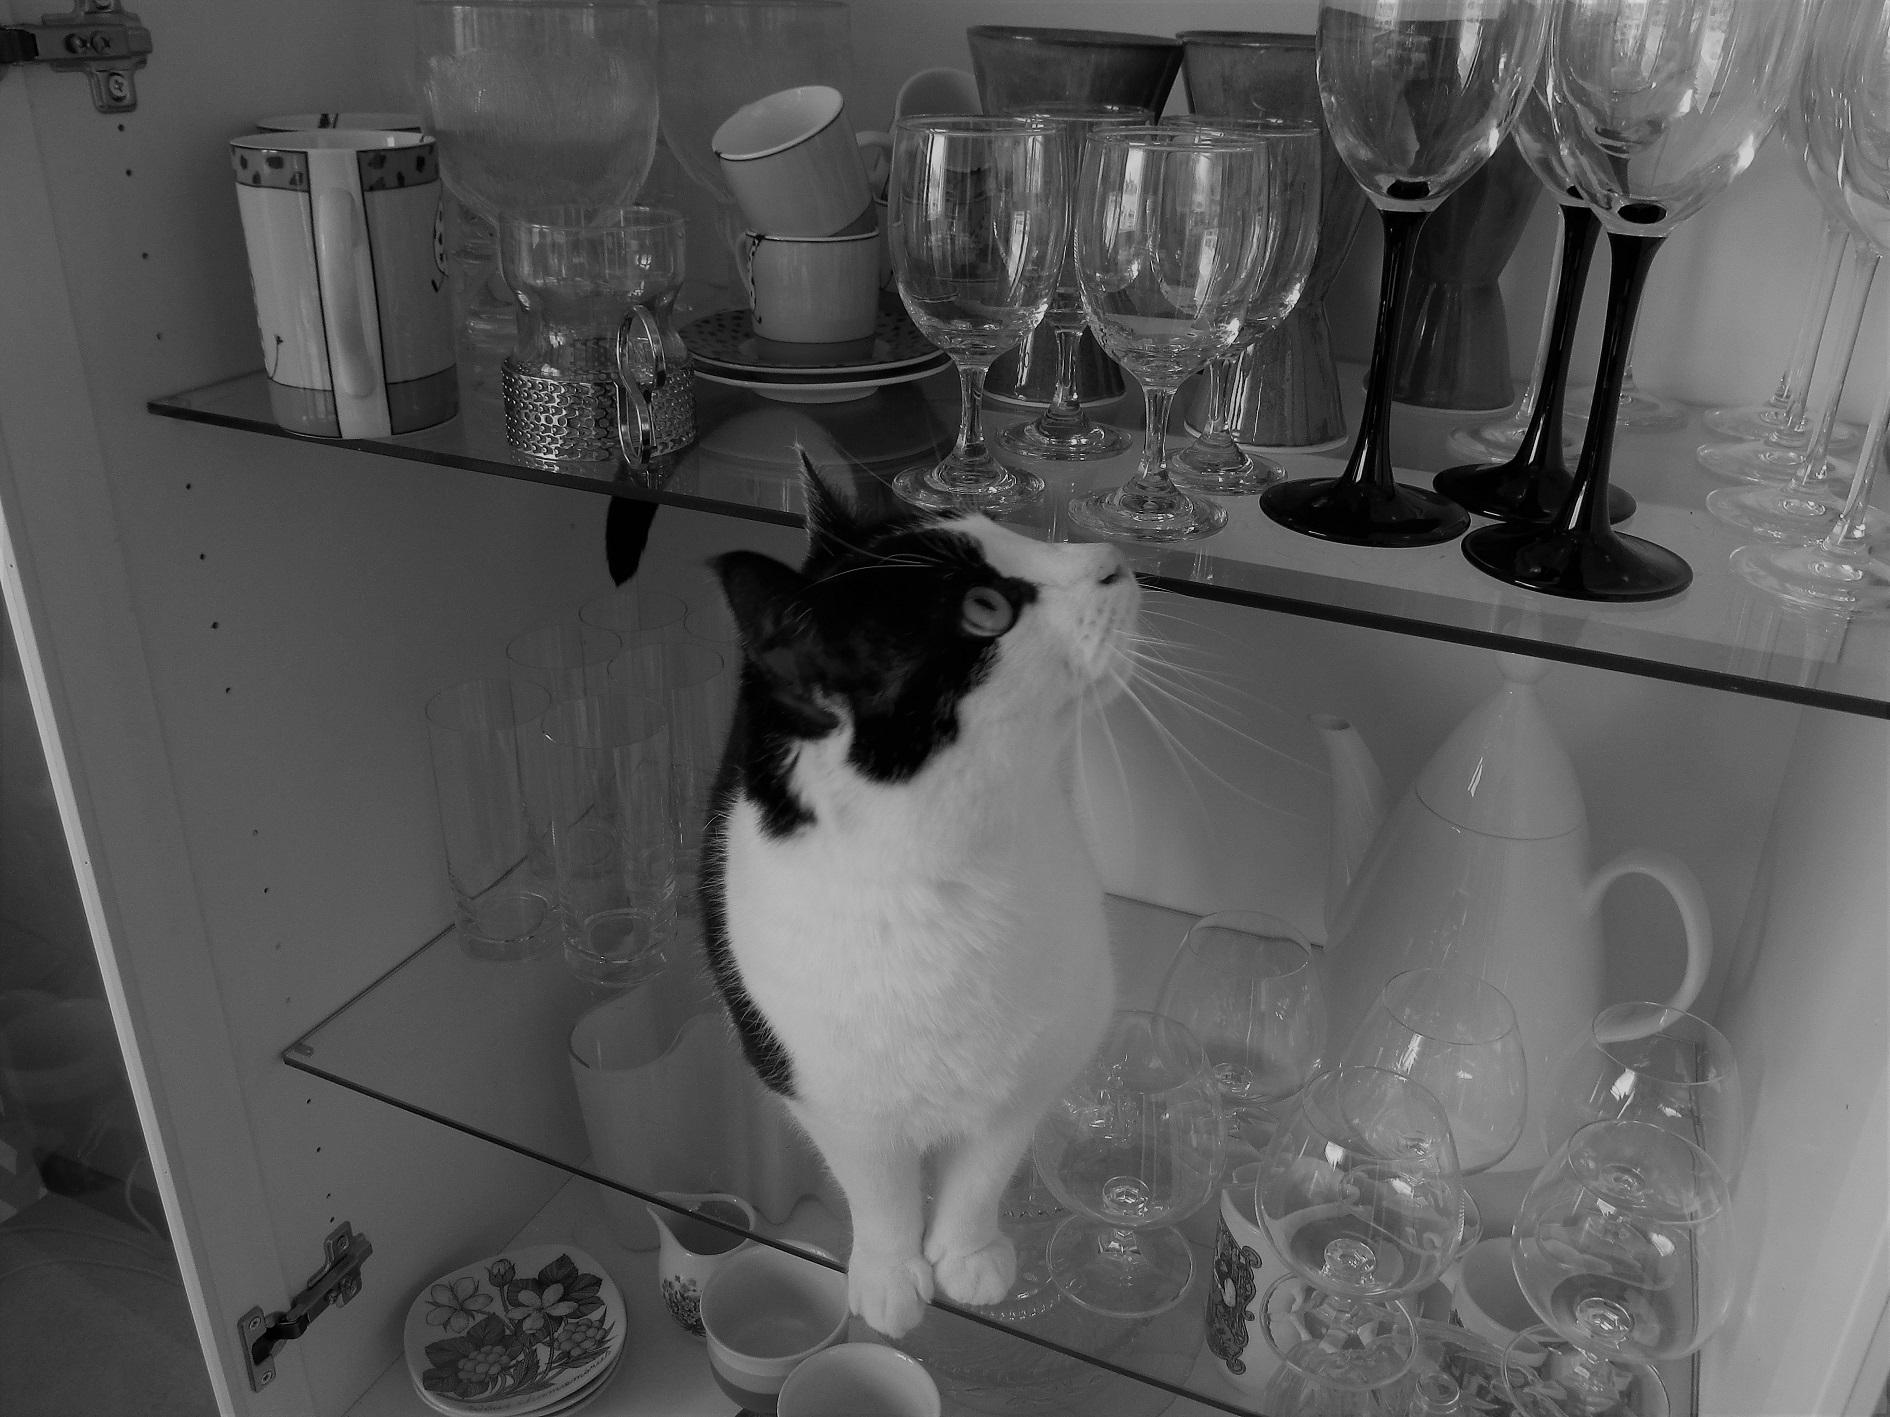 Nimi: Kissa lasikaapissa mv, Kuvaaja: Tarja Kaltiomaa